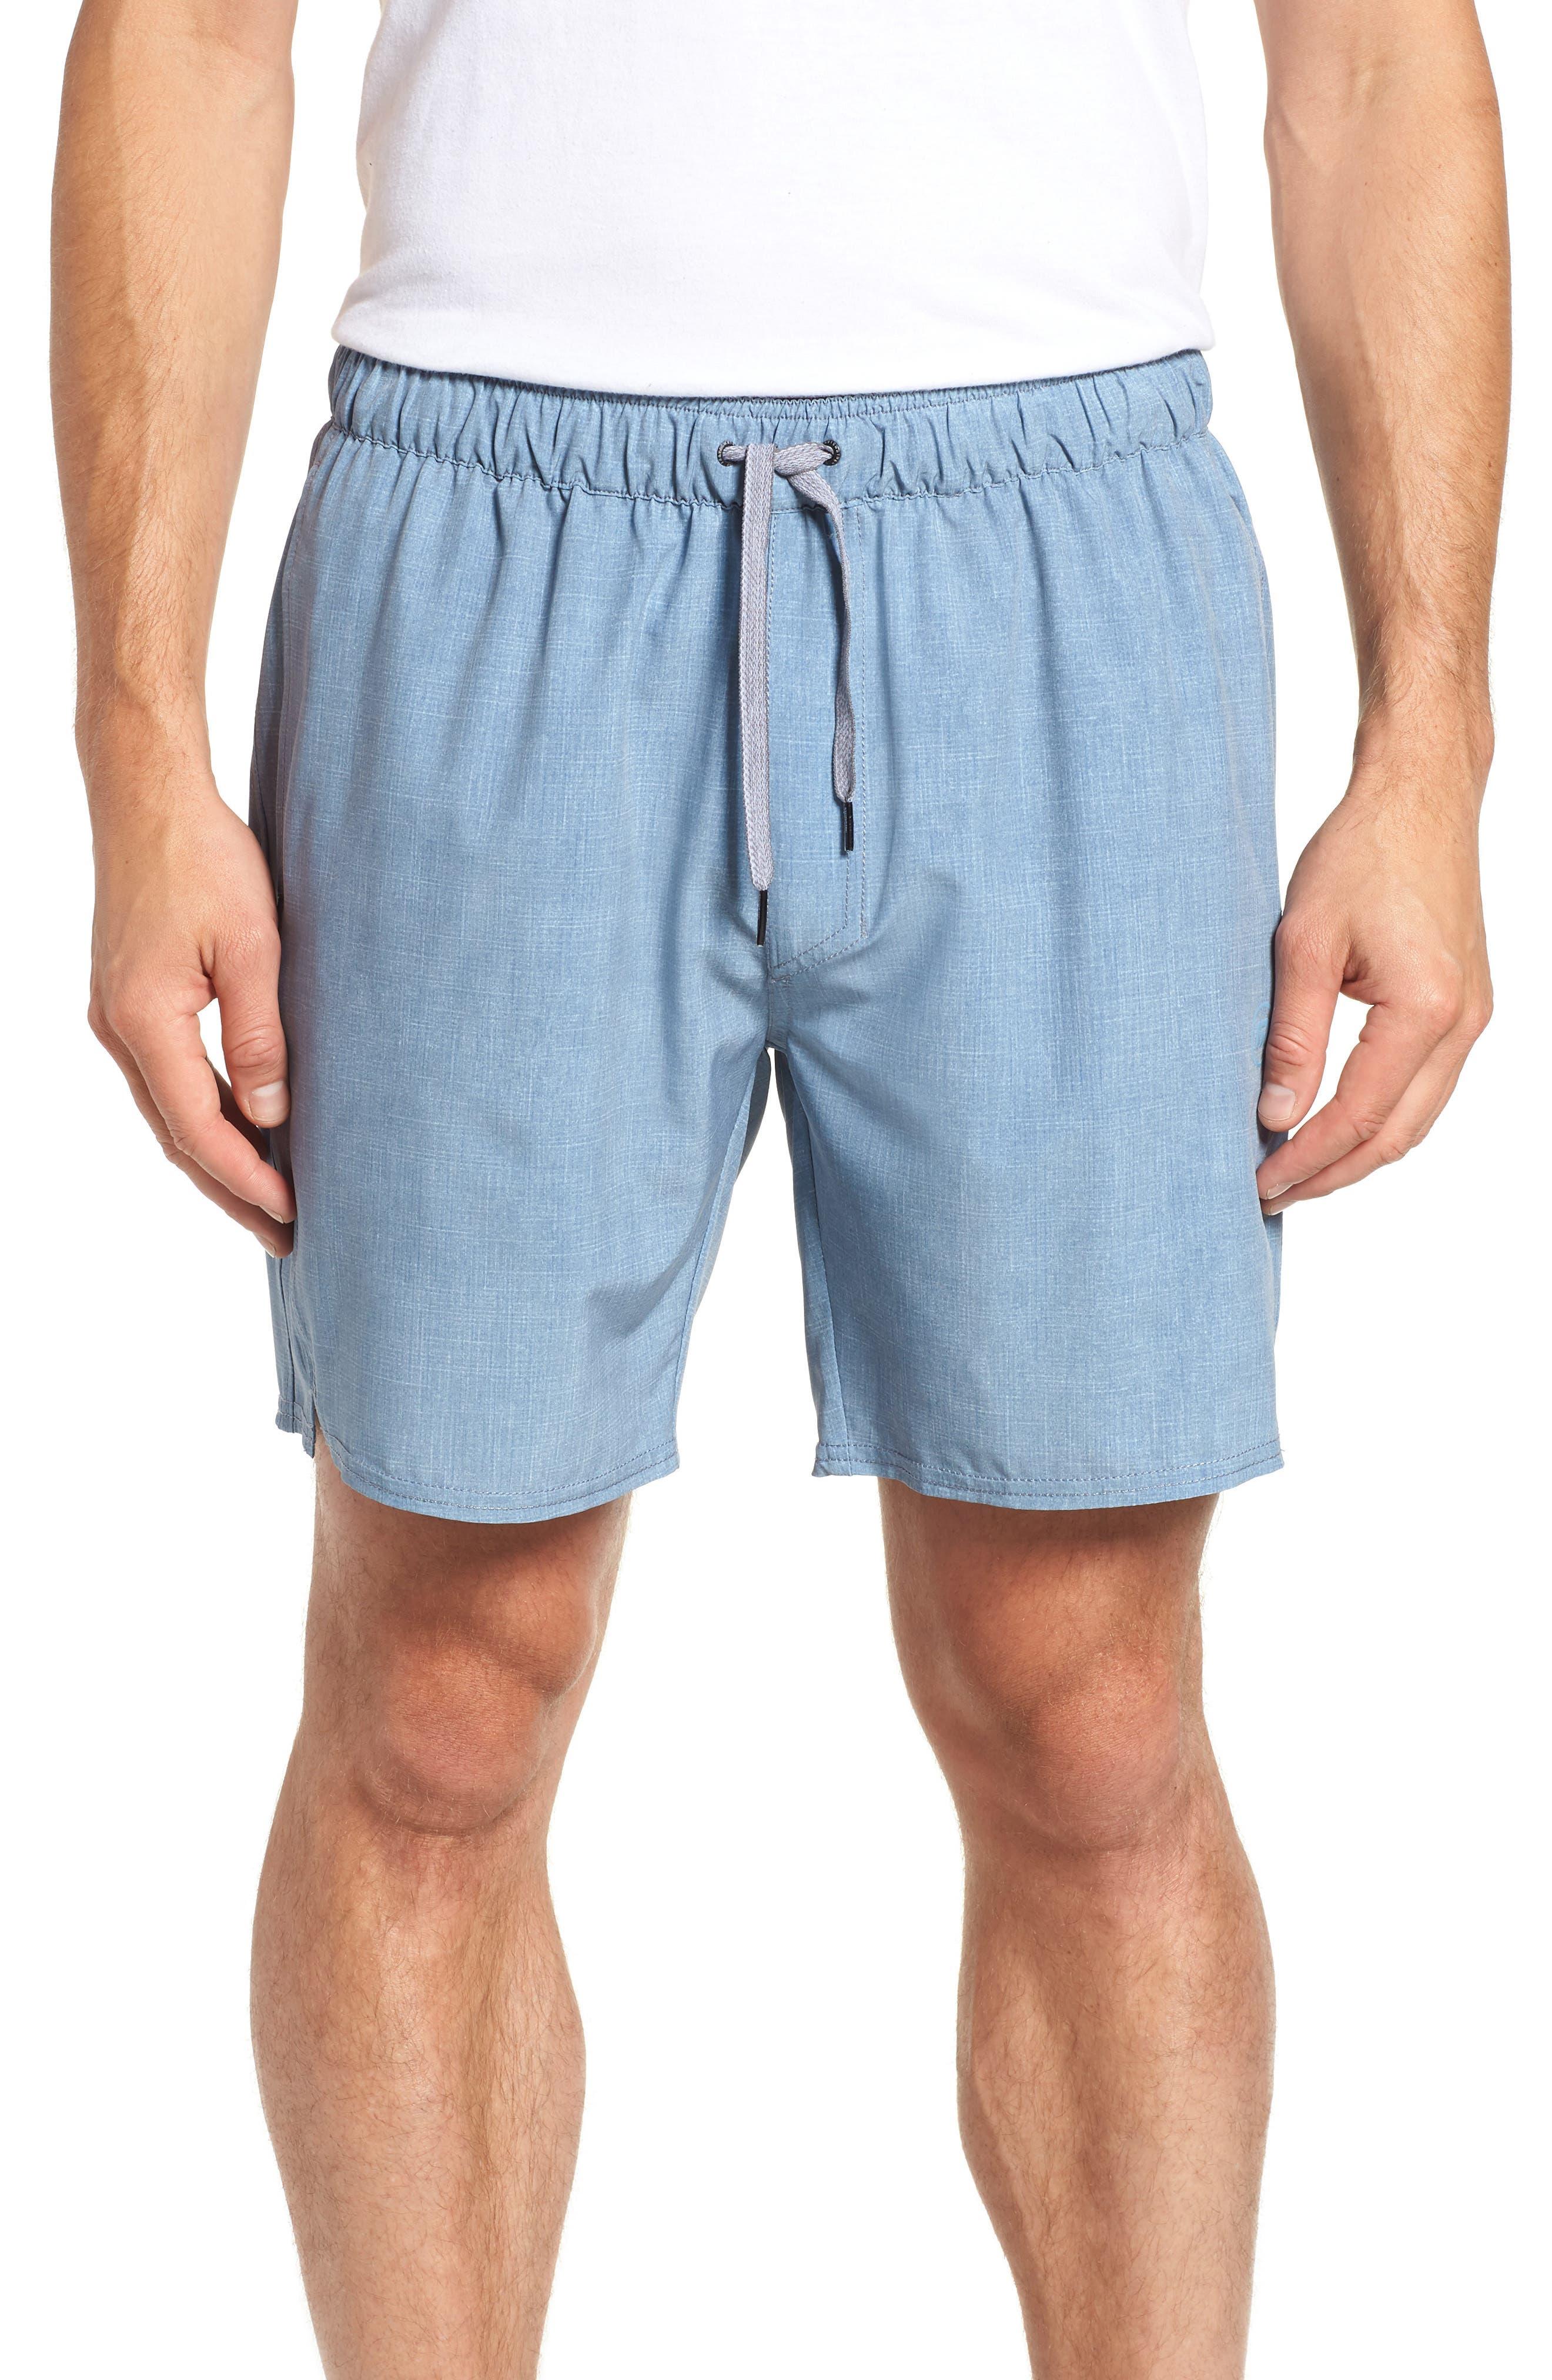 Digits Shorts,                         Main,                         color, HEATHER SHARKSKIN